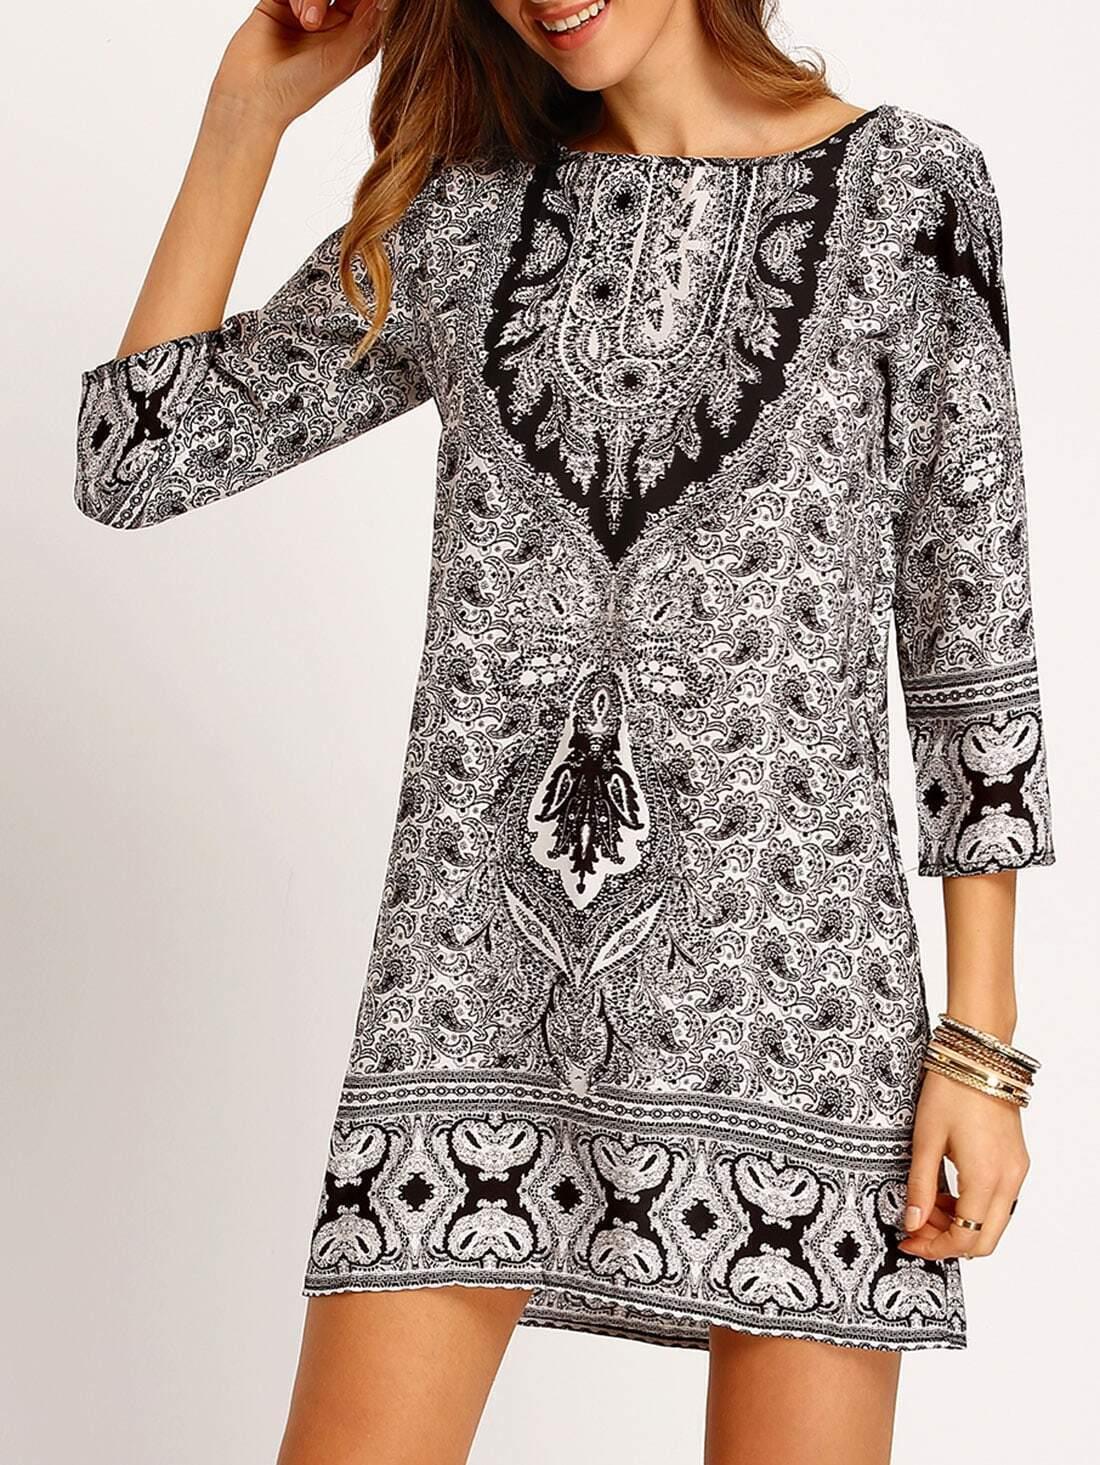 Vestido estampado tnico suelto negro blanco spanish for Suelto blanco suelto barato